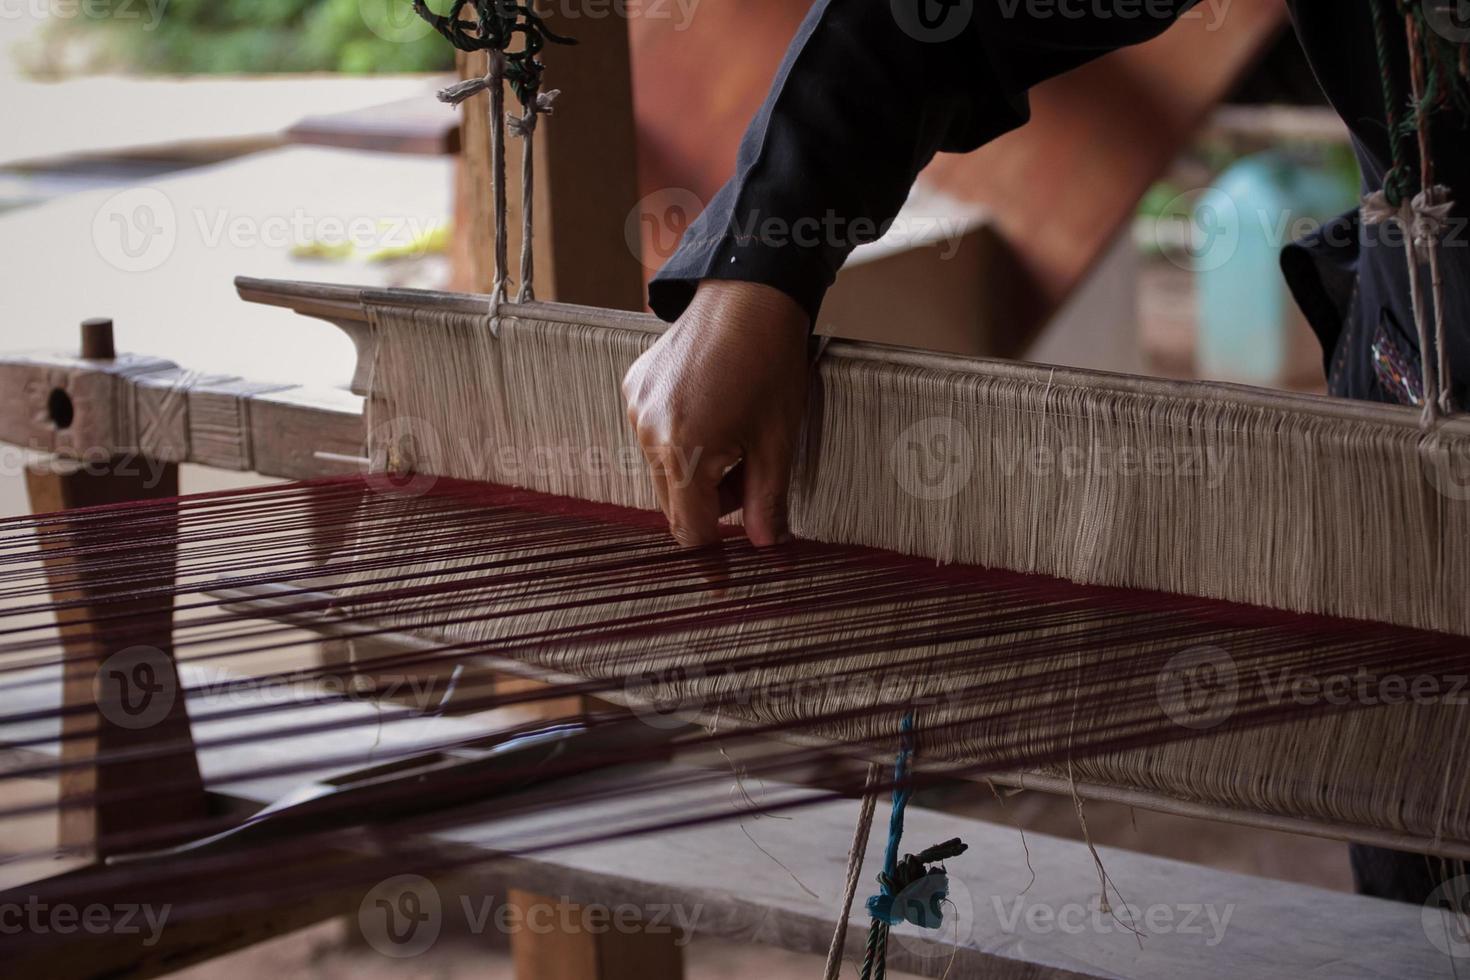 Prozess des Webens von thailändischer Seide foto